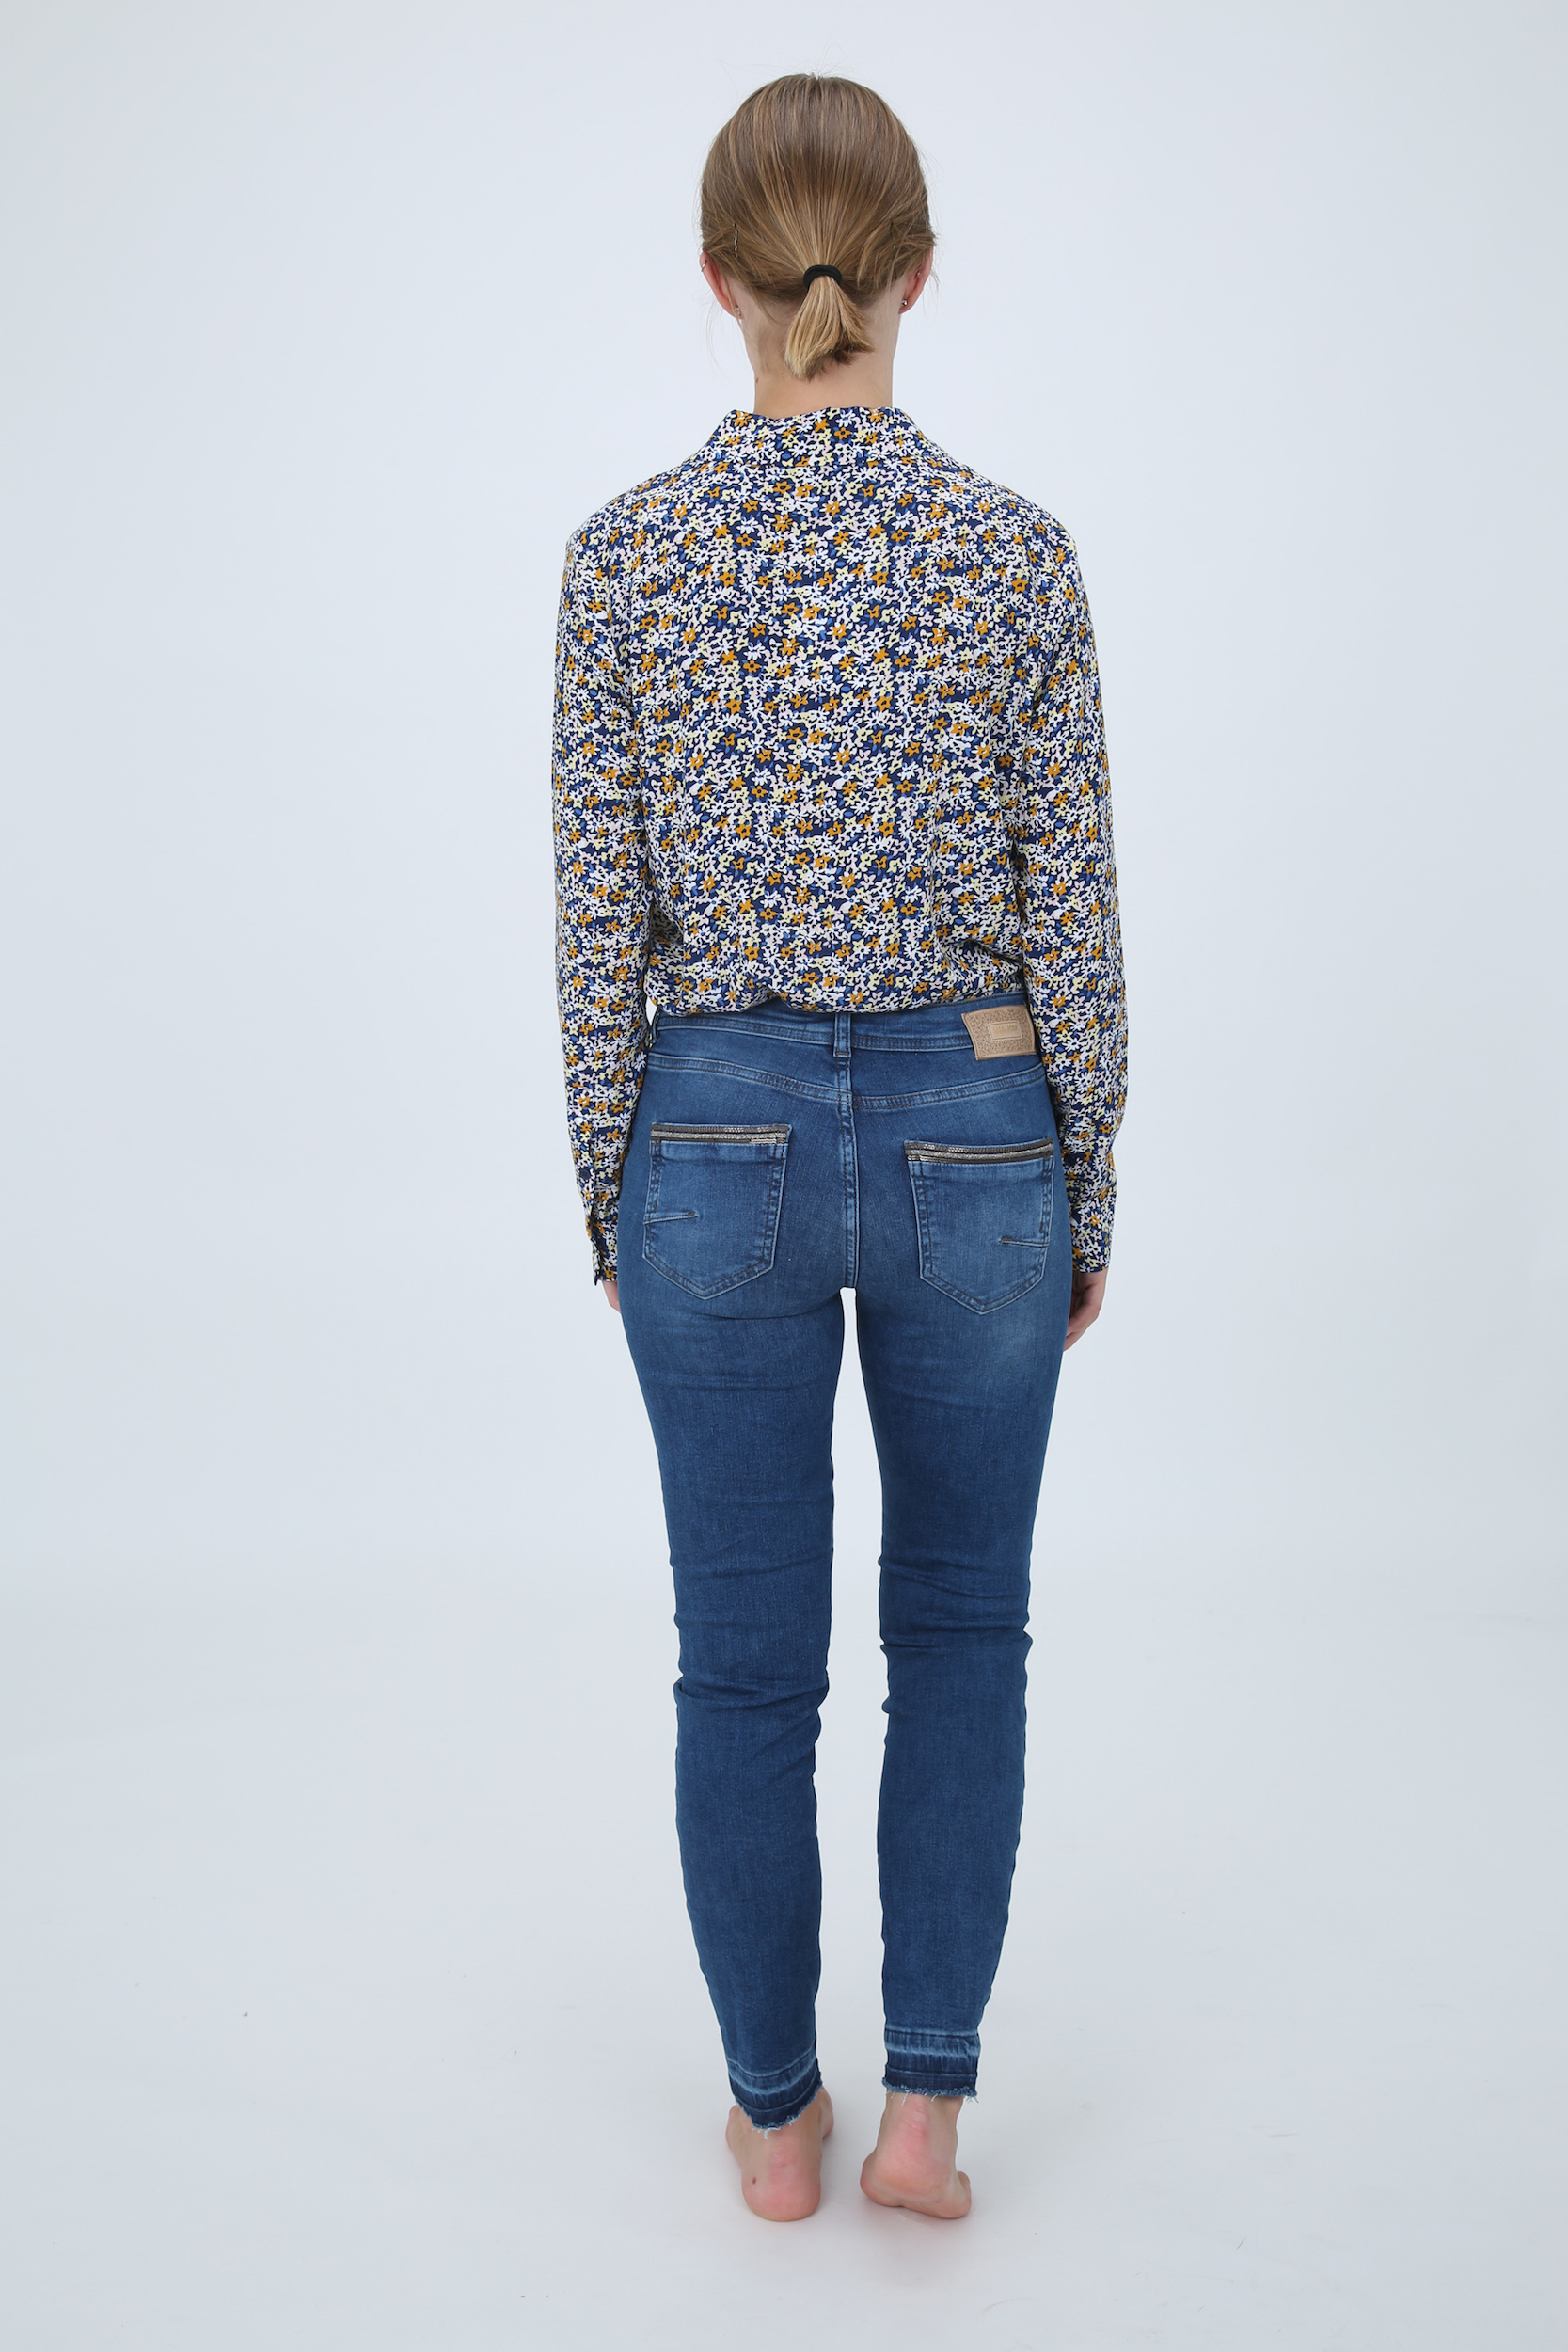 Jeans Sumner Jewel